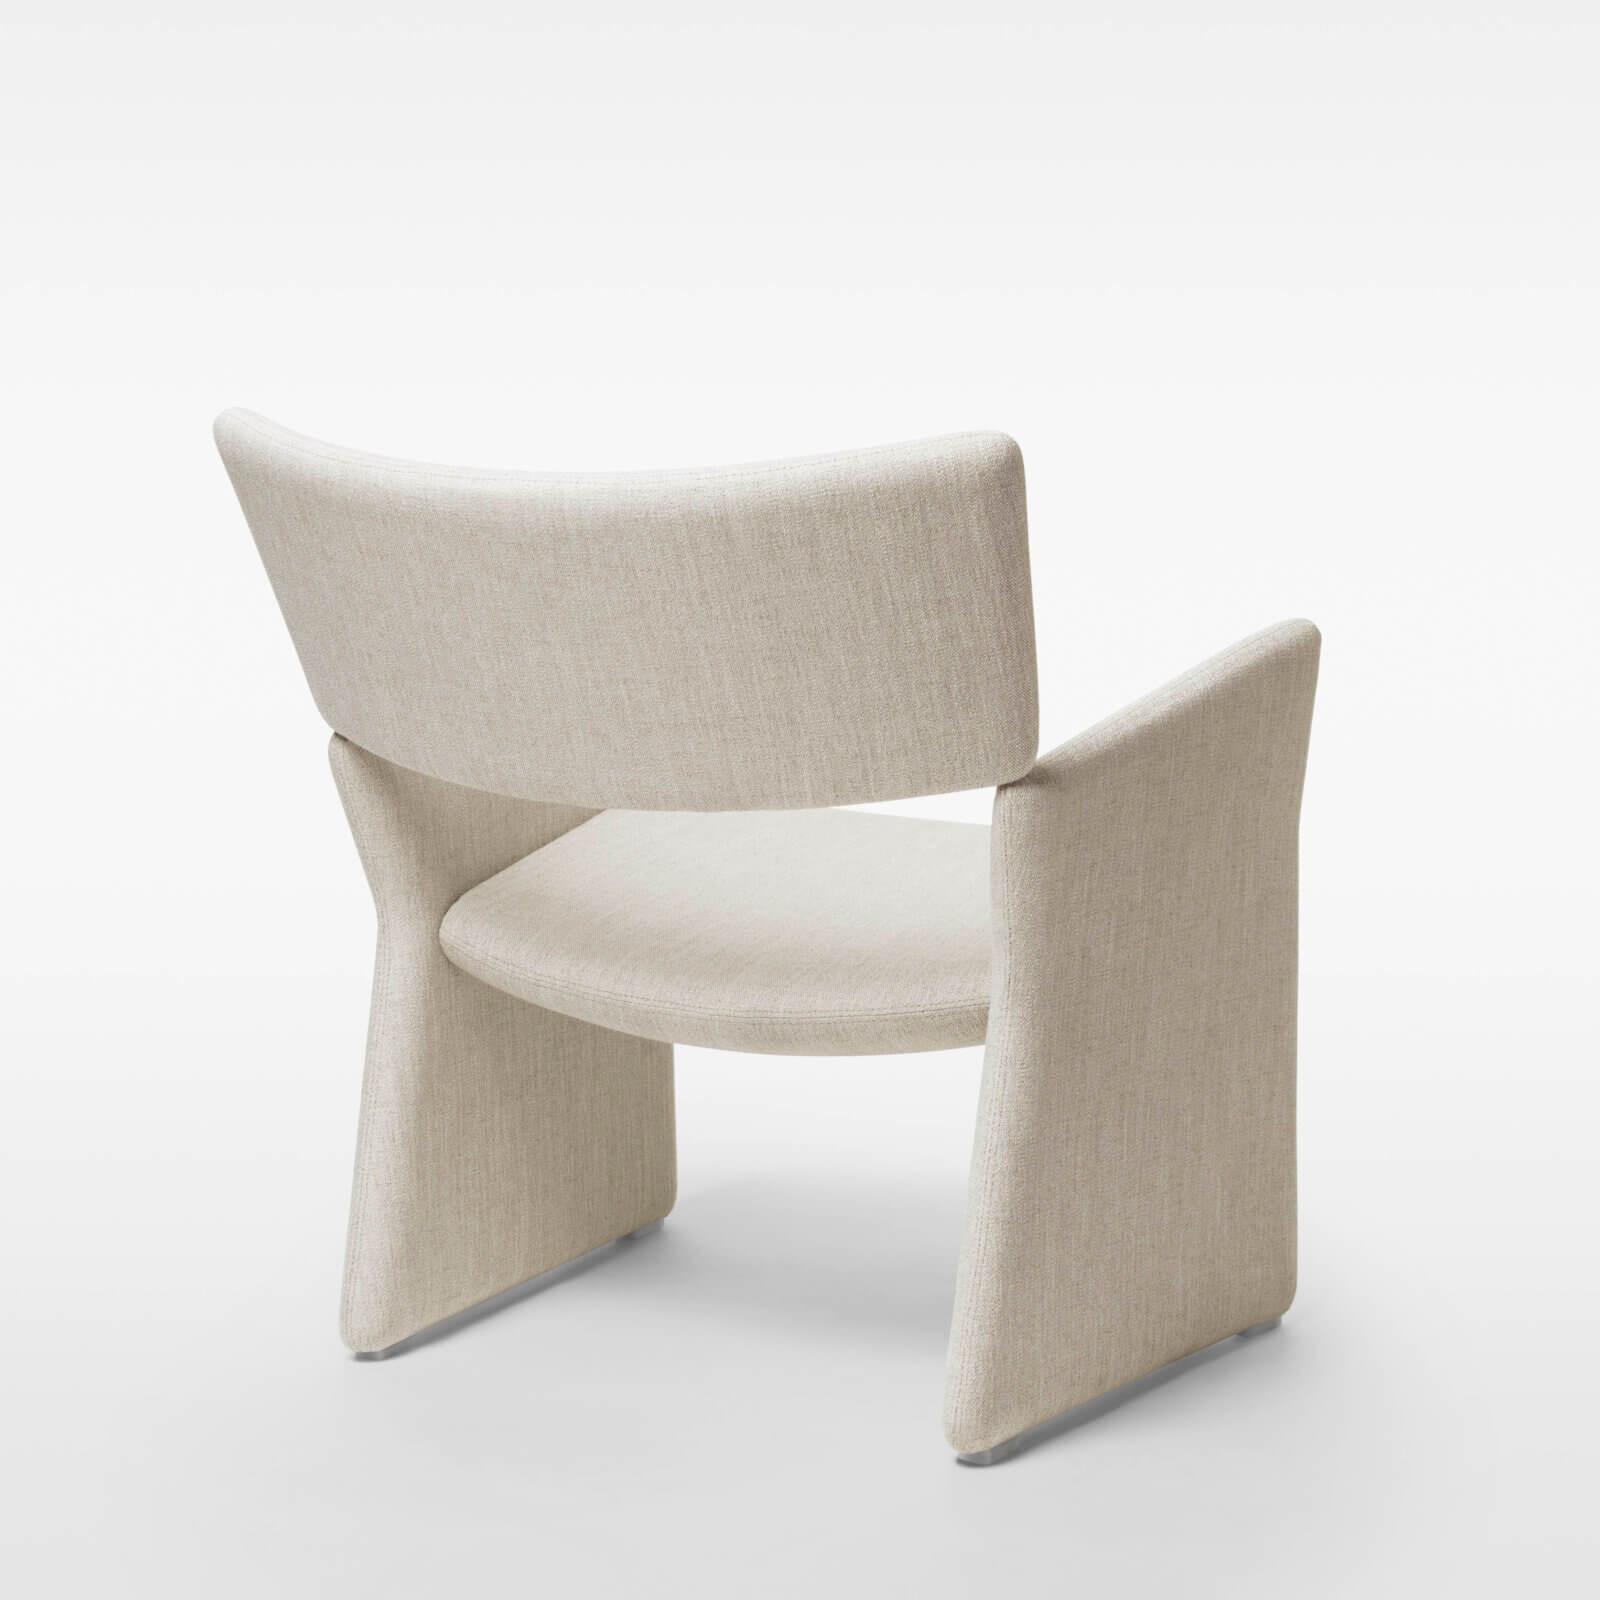 TinnappleMetz-massproductions-crown-armchair_02